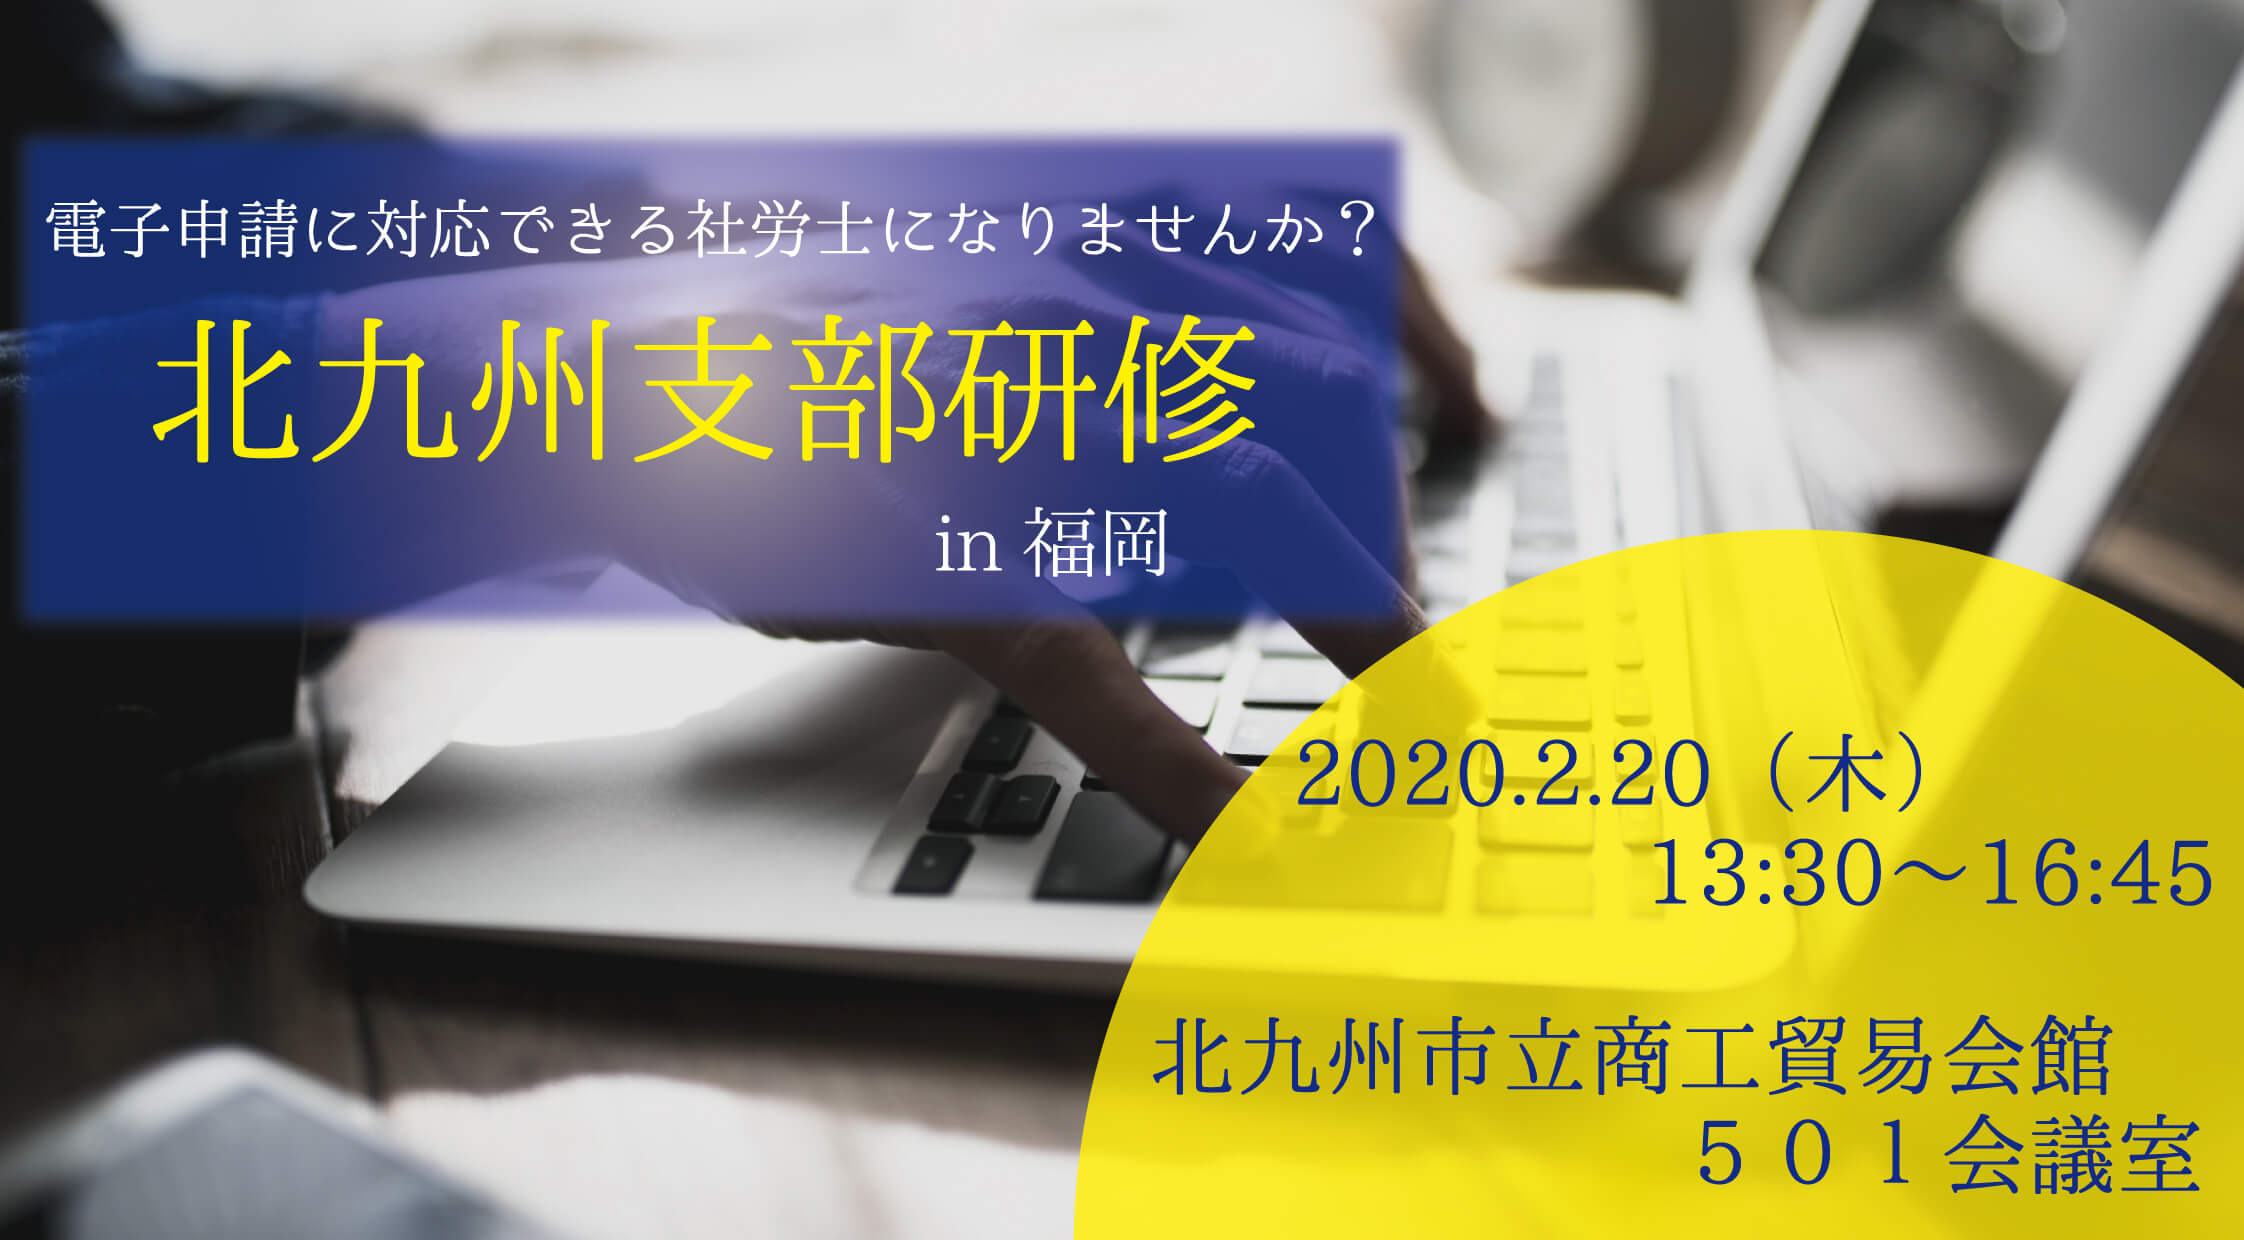 <満員御礼>2020年2月19日(水)東京 | セルズCafé『台帳』活用座談会